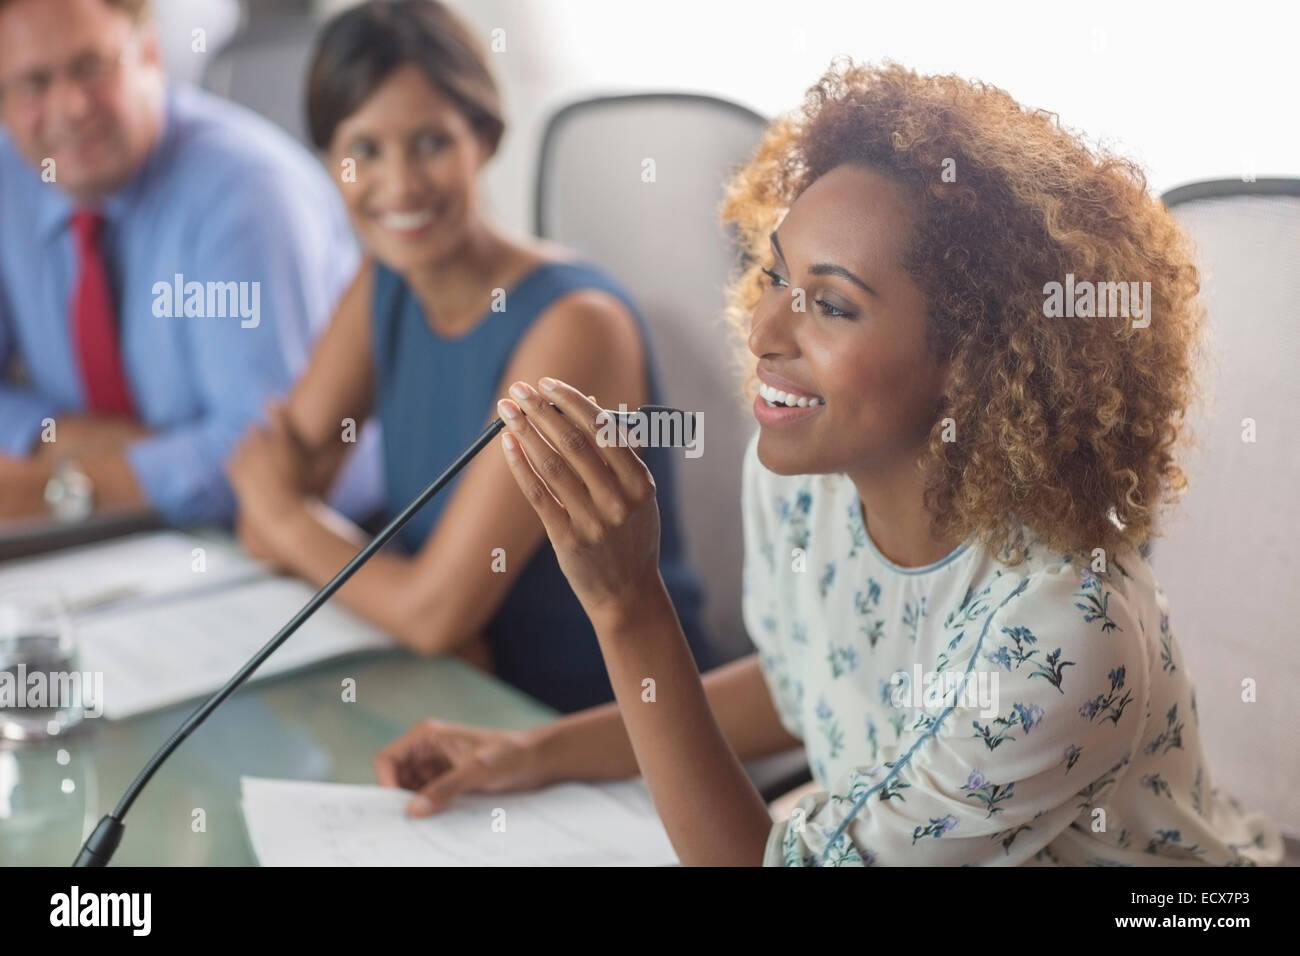 Bella donna seduta al tavolo da conferenza parlando nel microfono Immagini Stock